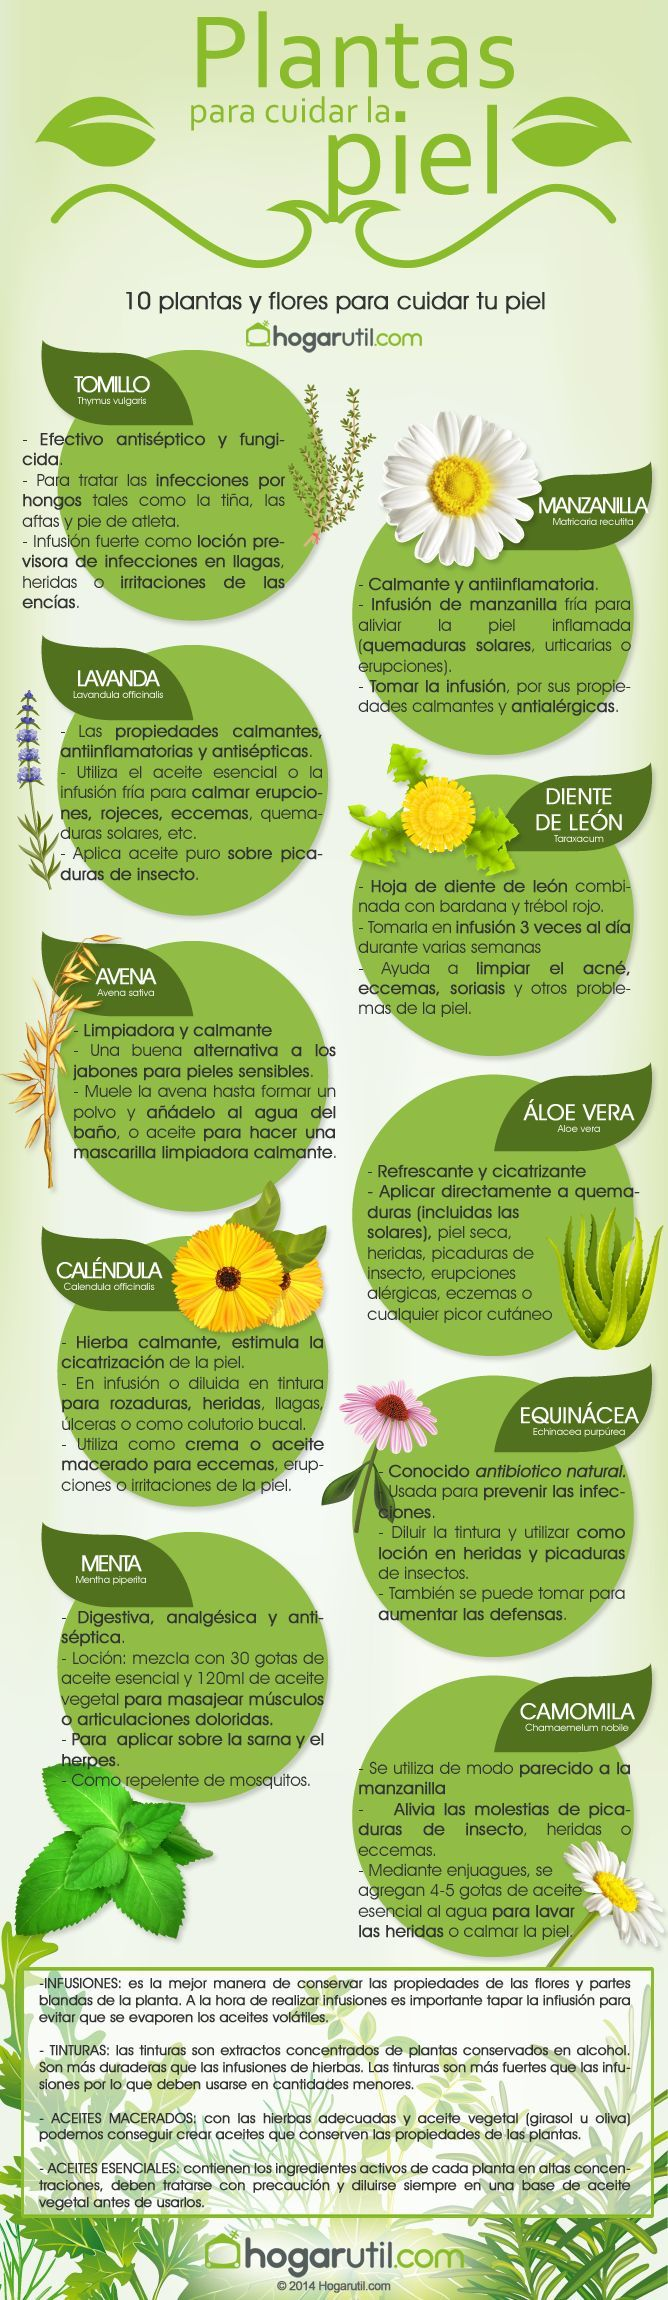 10 plantas para cuidar tu piel. #infografia #salud #Nutrición y #Salud YG > nutricionysaludyg.com